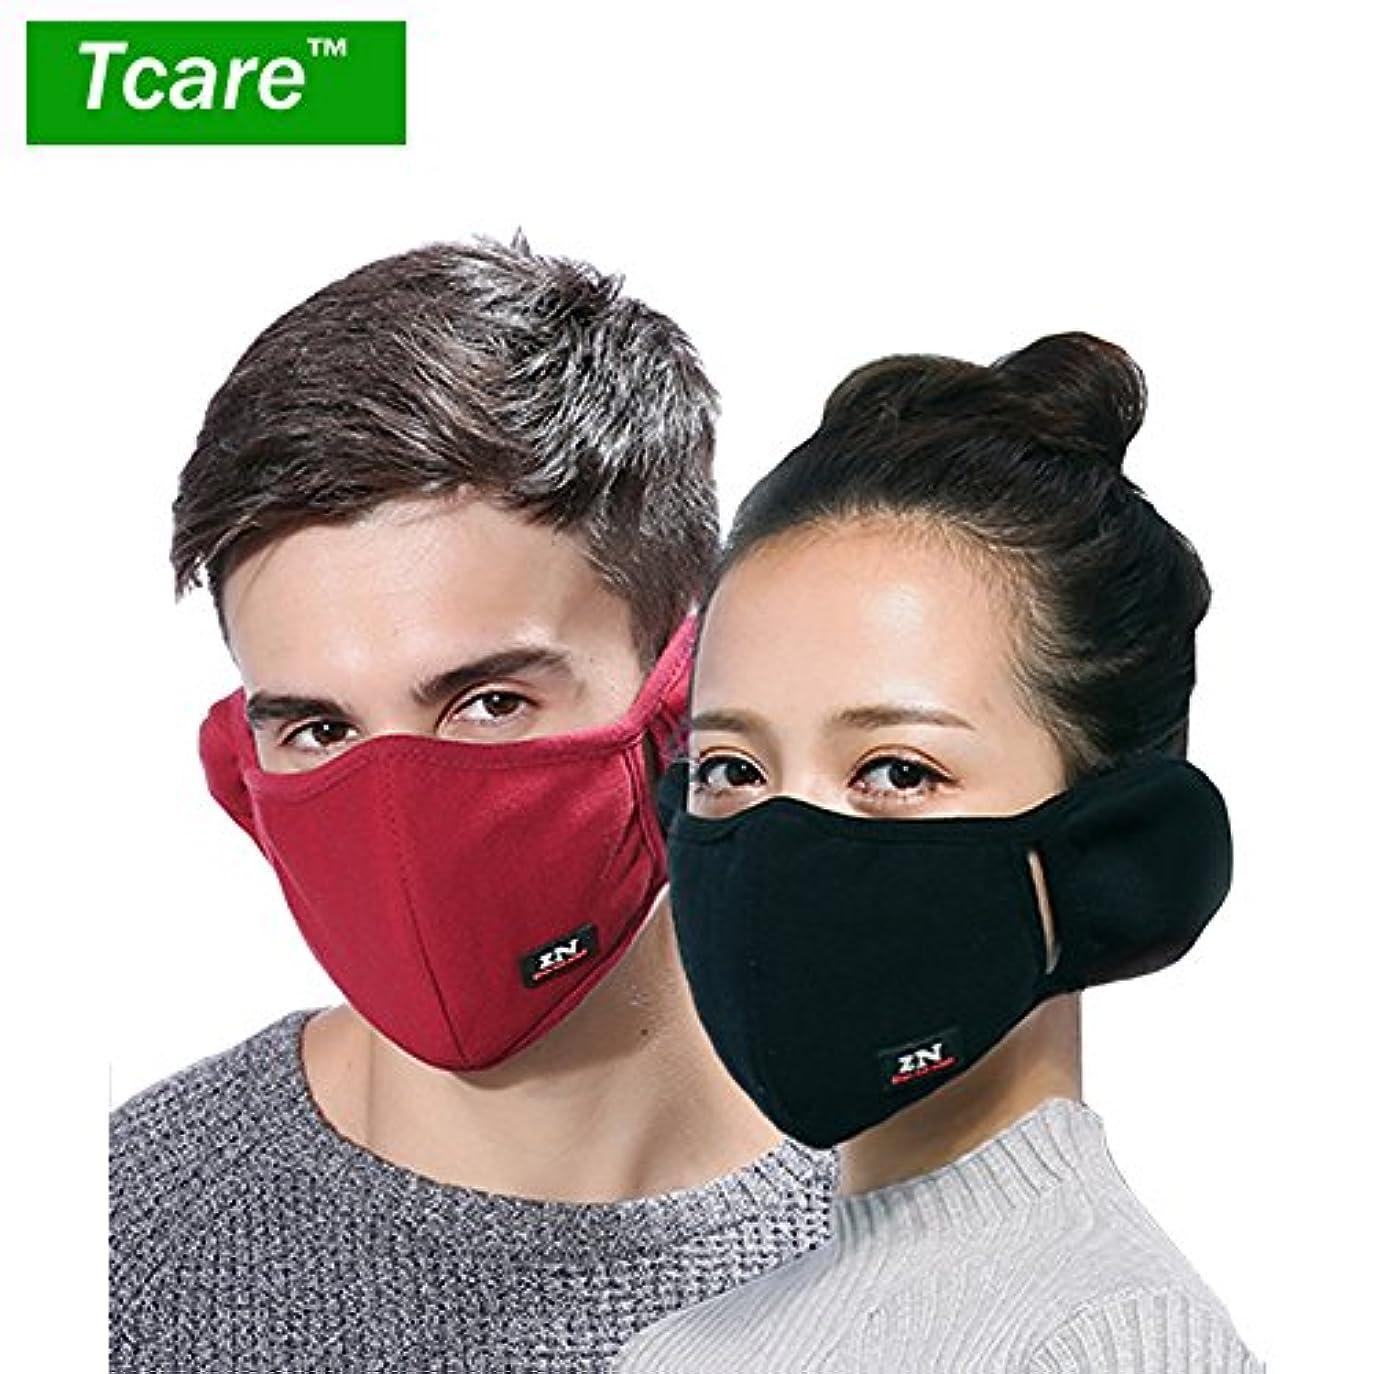 採用する矛盾するリマーク男性女性の少年少女のためのTcare呼吸器2レイヤピュアコットン保護フィルター挿入口:9グレー